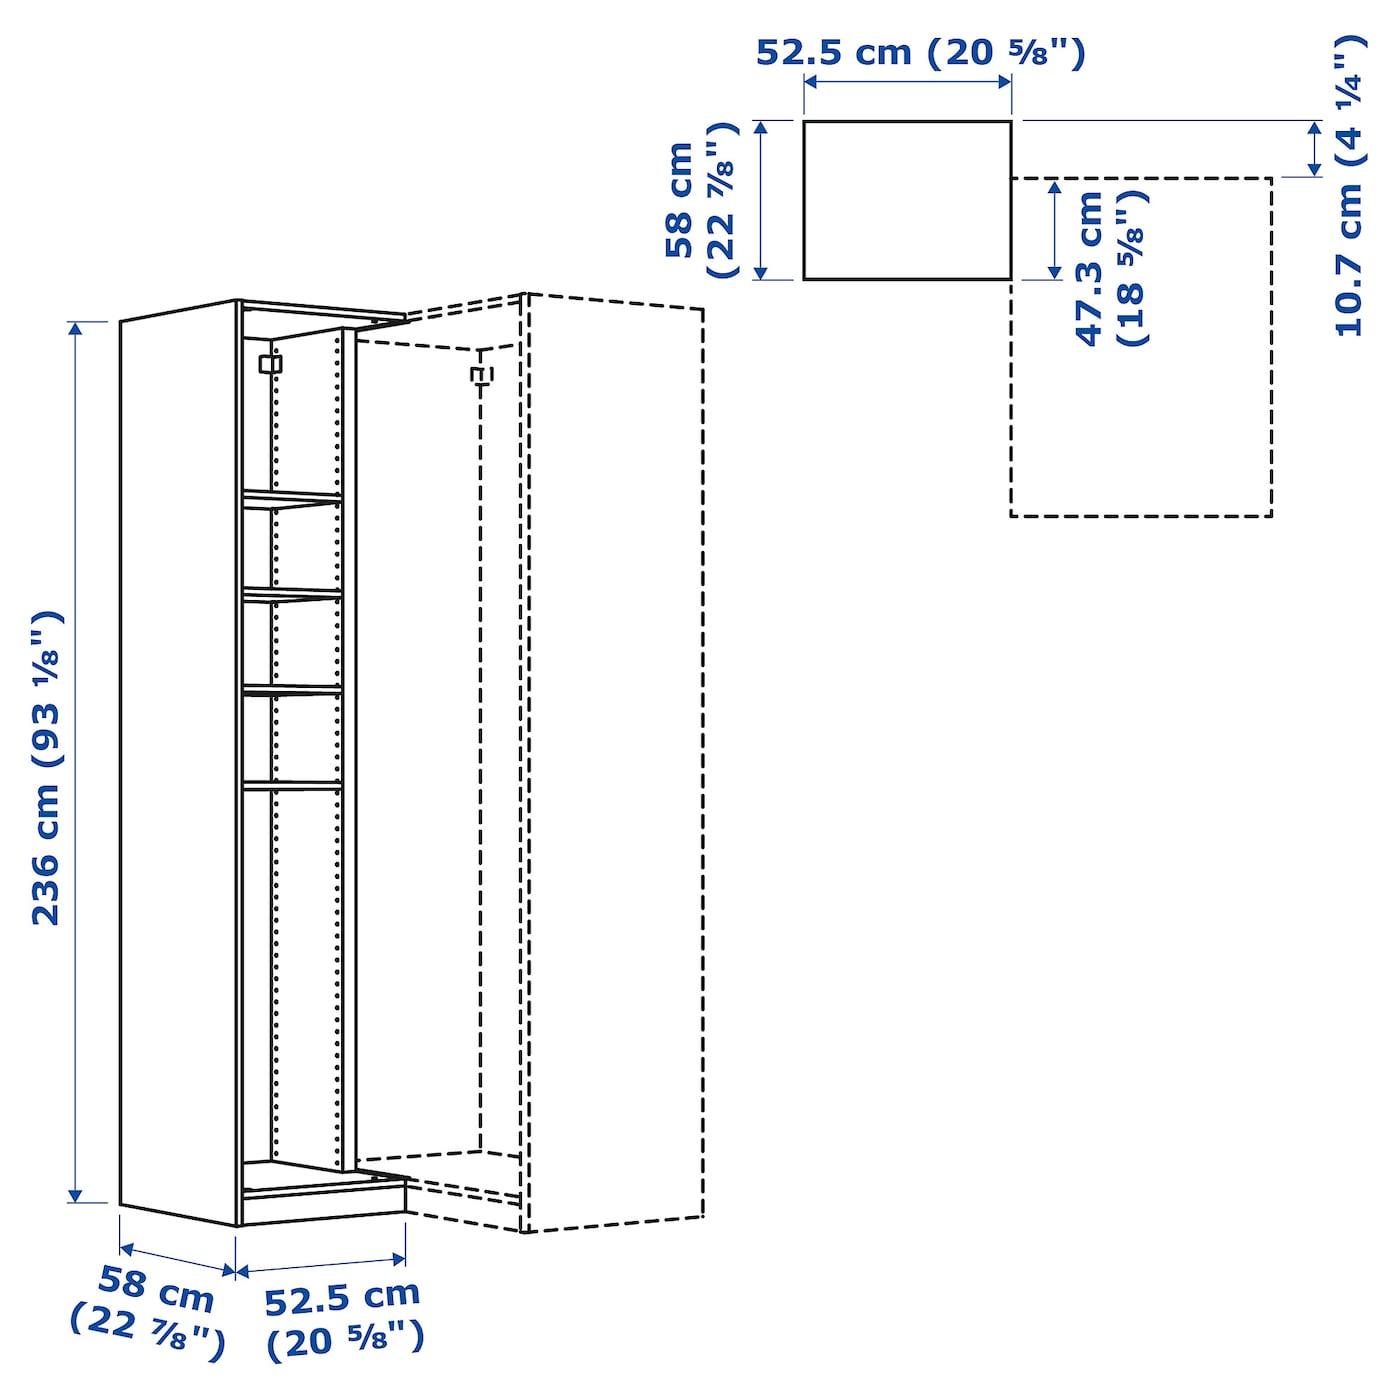 Pax Eckanbauelement 4 Boden Weiss Ikea Deutschland